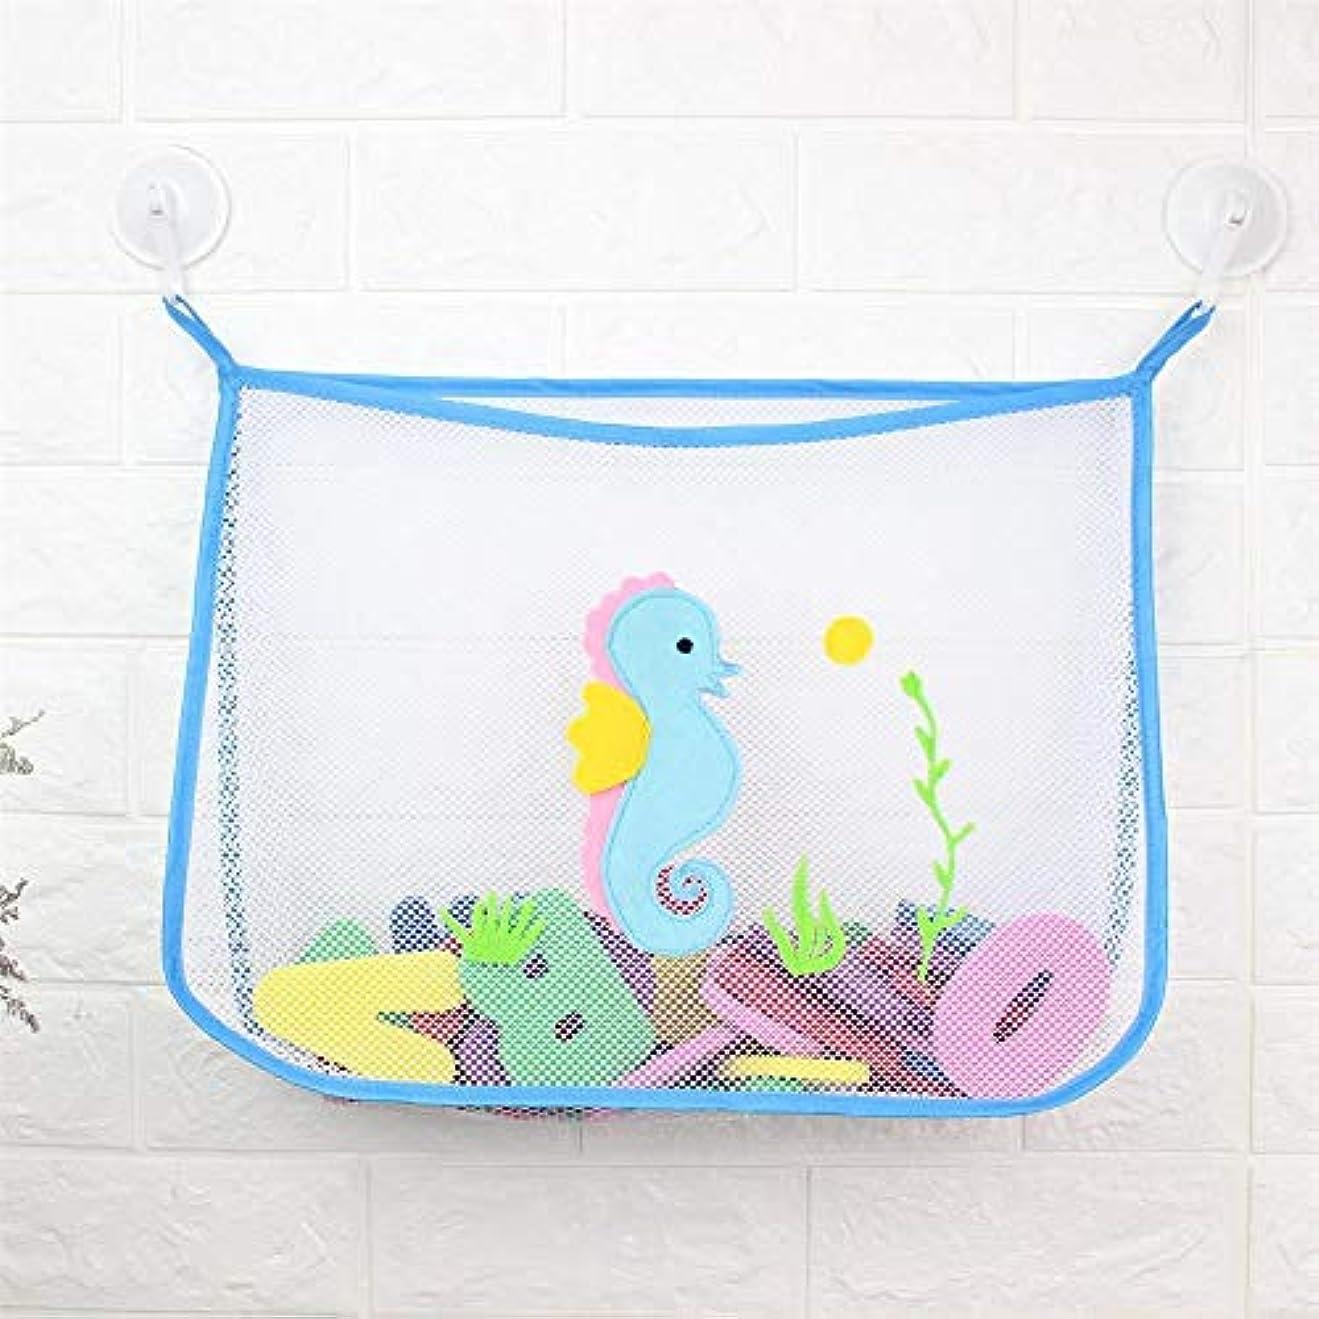 起こりやすい開発古くなったベビーシャワー風呂のおもちゃ小さなアヒル小さなカエルの赤ちゃん子供のおもちゃ収納メッシュで強い吸盤玩具バッグネット浴室オーガナイザー (青)